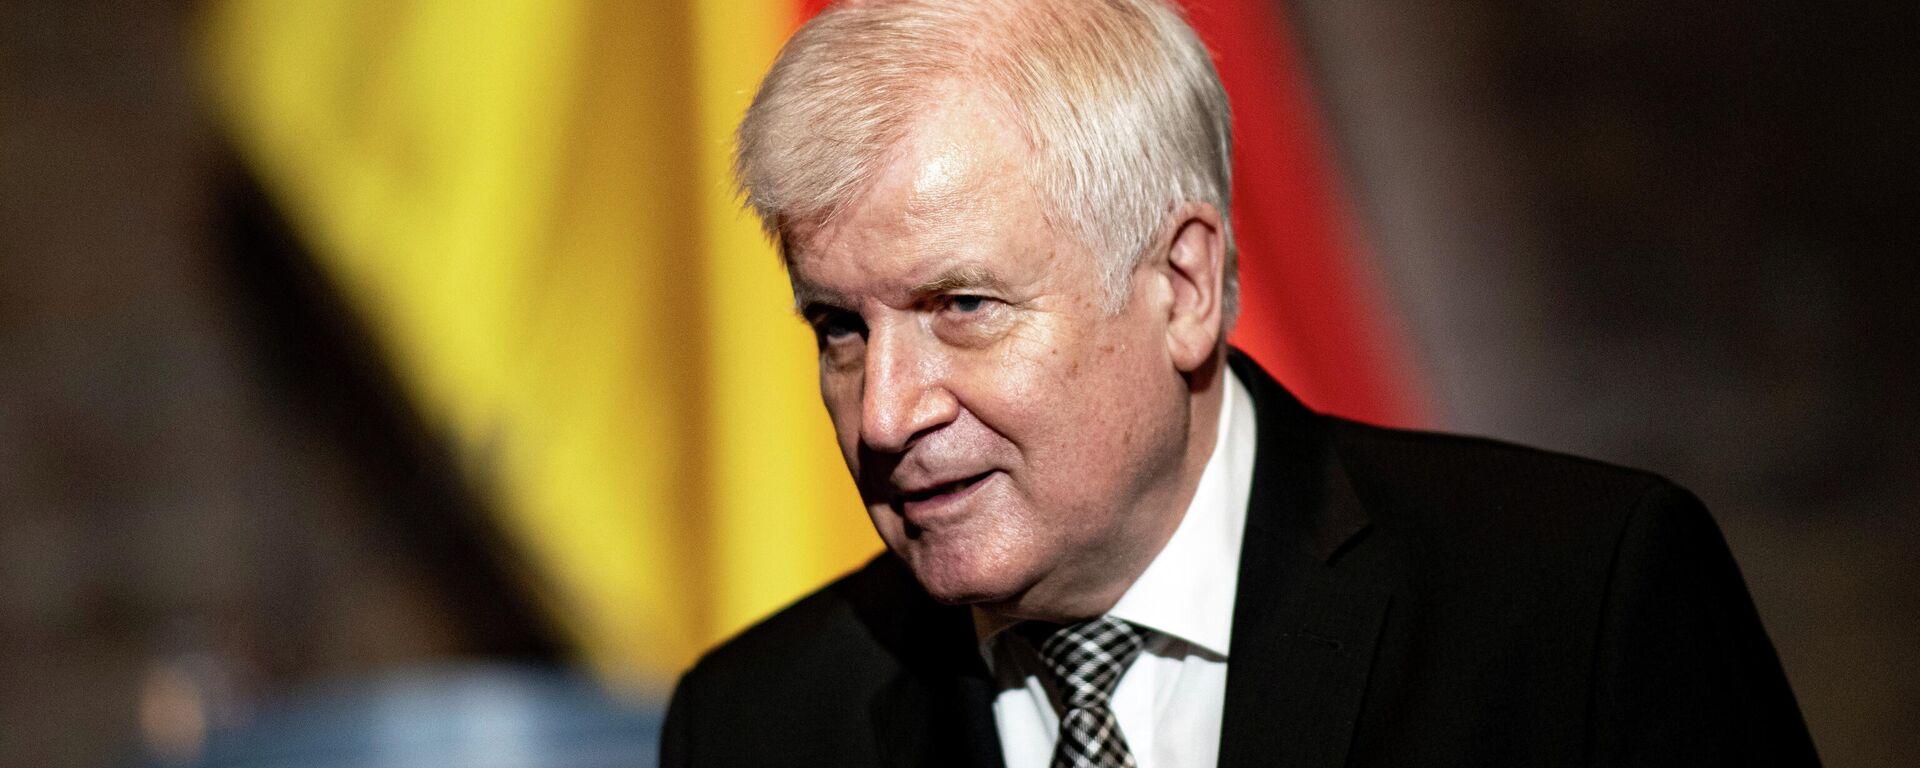 Bundesinnenminister Horst Seehofer nimmt am 20. Juni 2021 in Berlin an einer offiziellen Veranstaltung zum Gedenken an die Opfer von Vertreibung im Zweiten Weltkrieg teil. Symbolbild - SNA, 1920, 30.06.2021